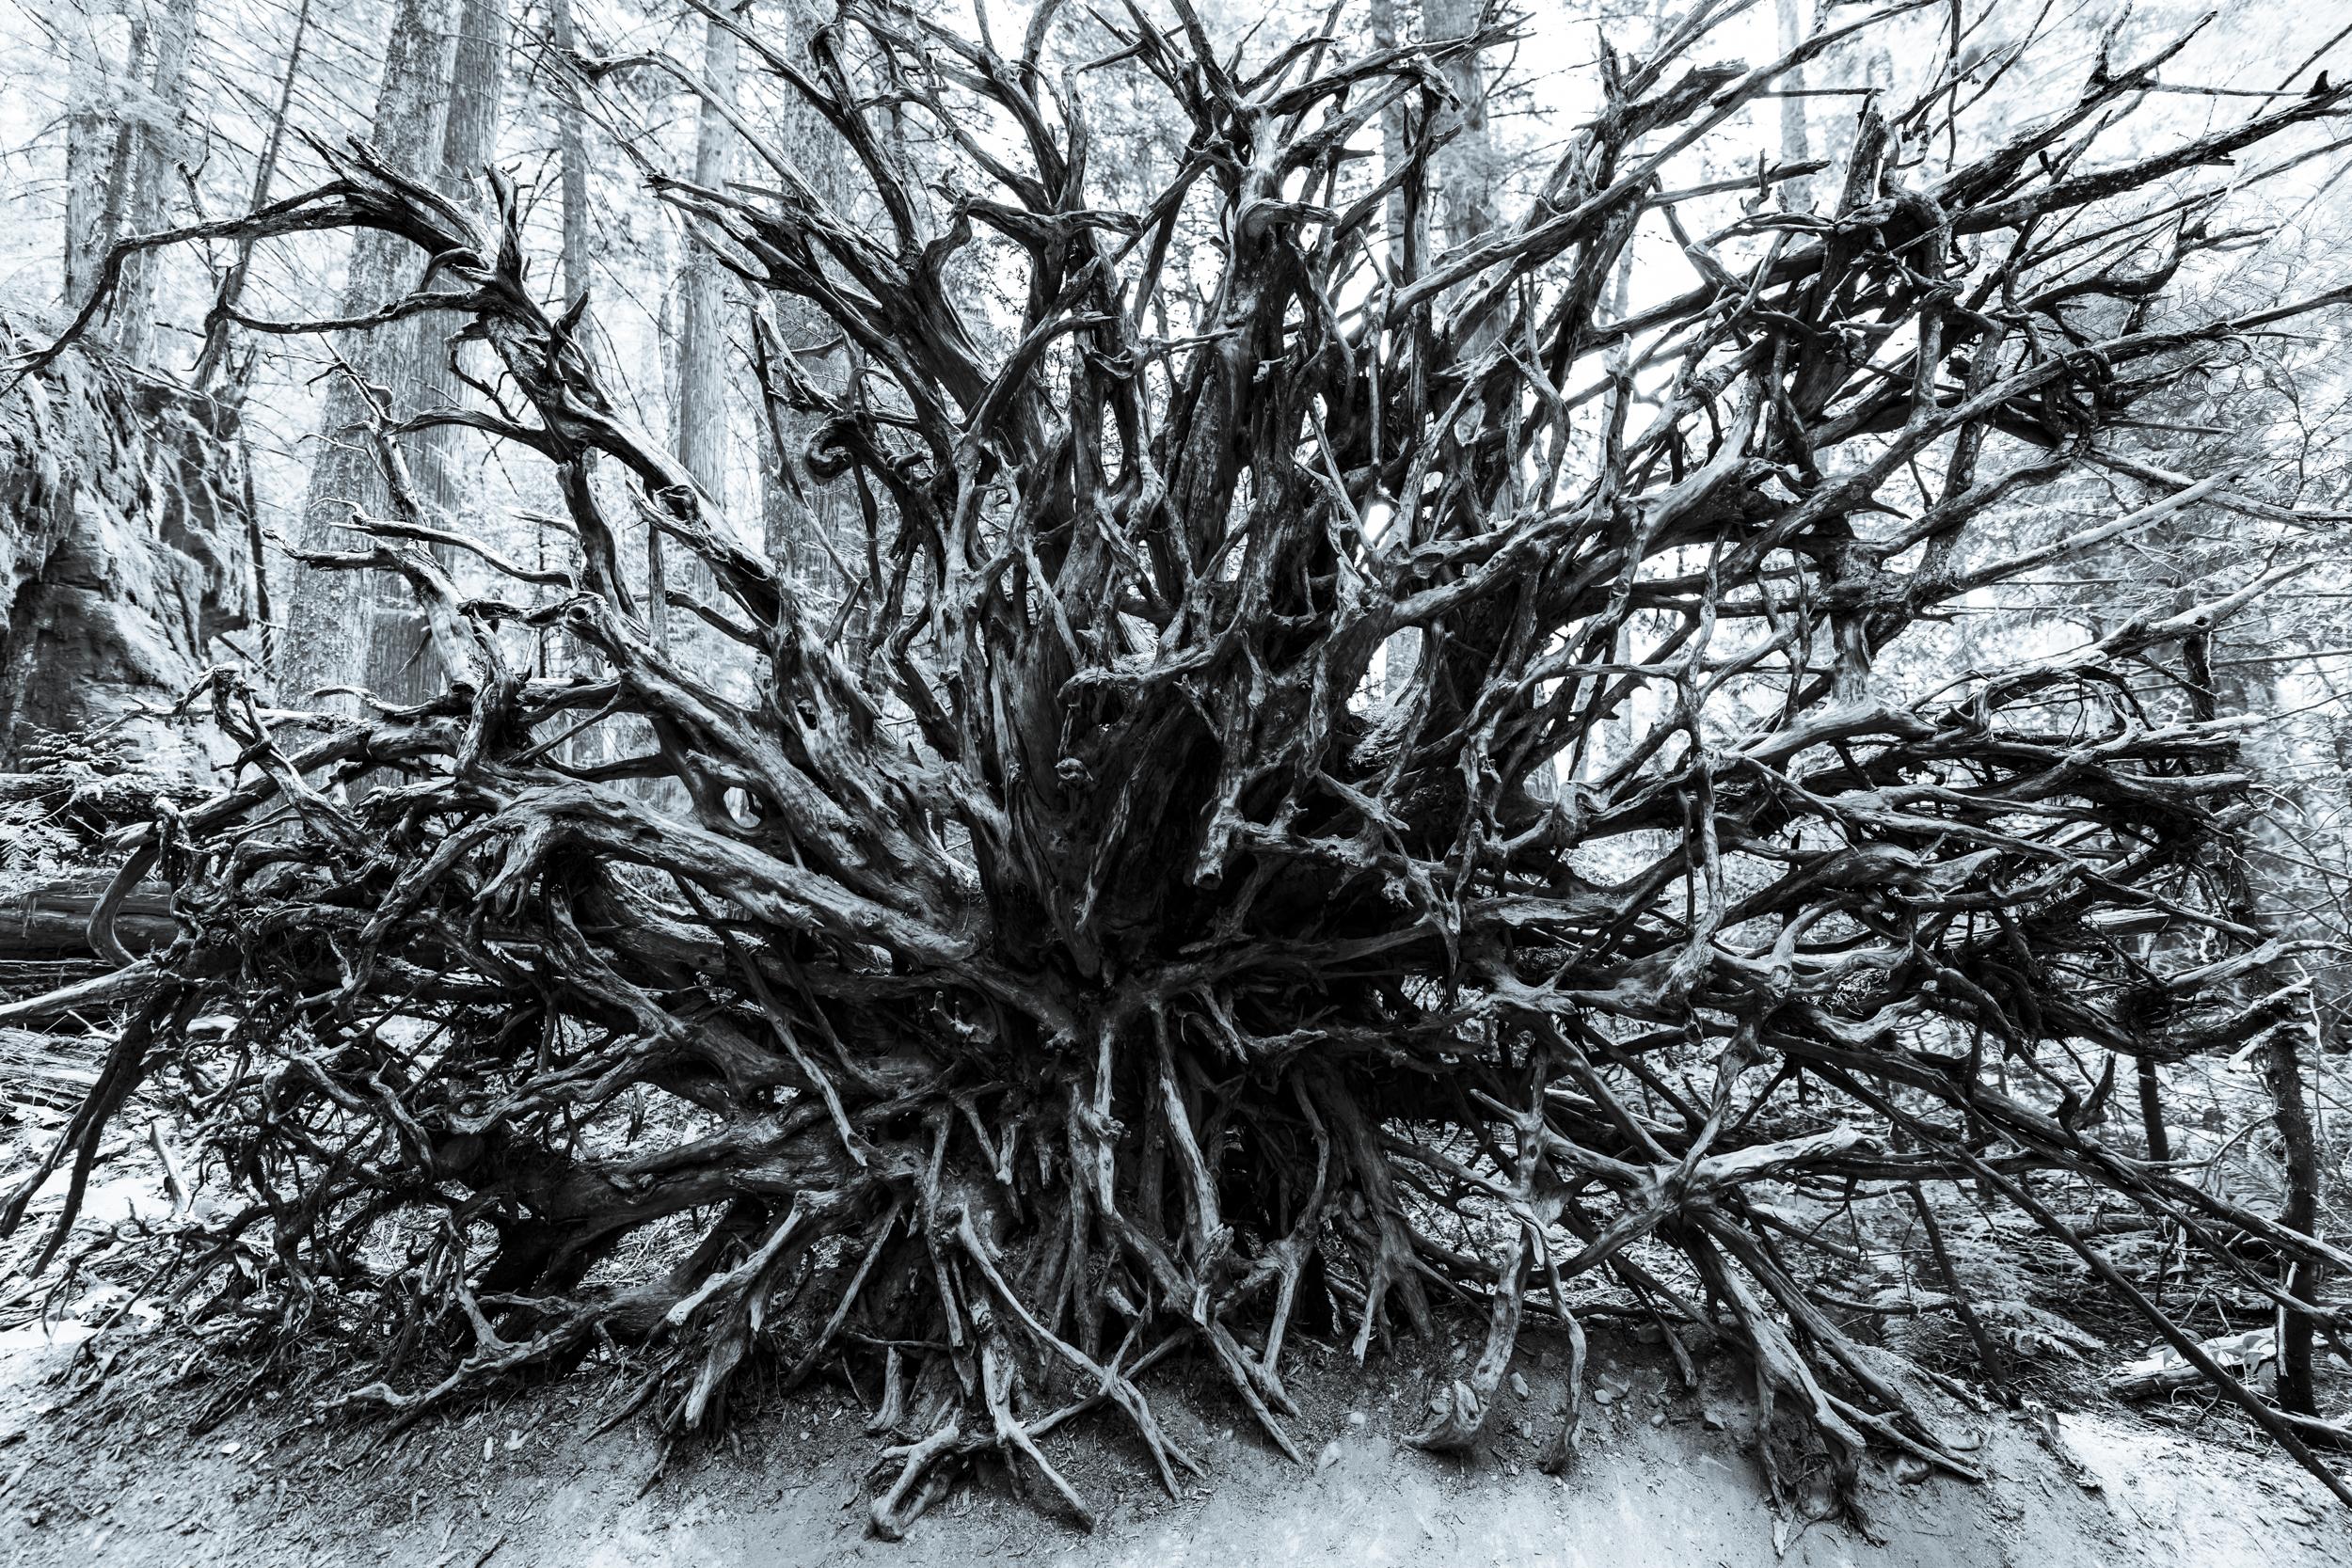 Roots of a fallen cedar tree in Glacier National Park that span nearly ten feet across